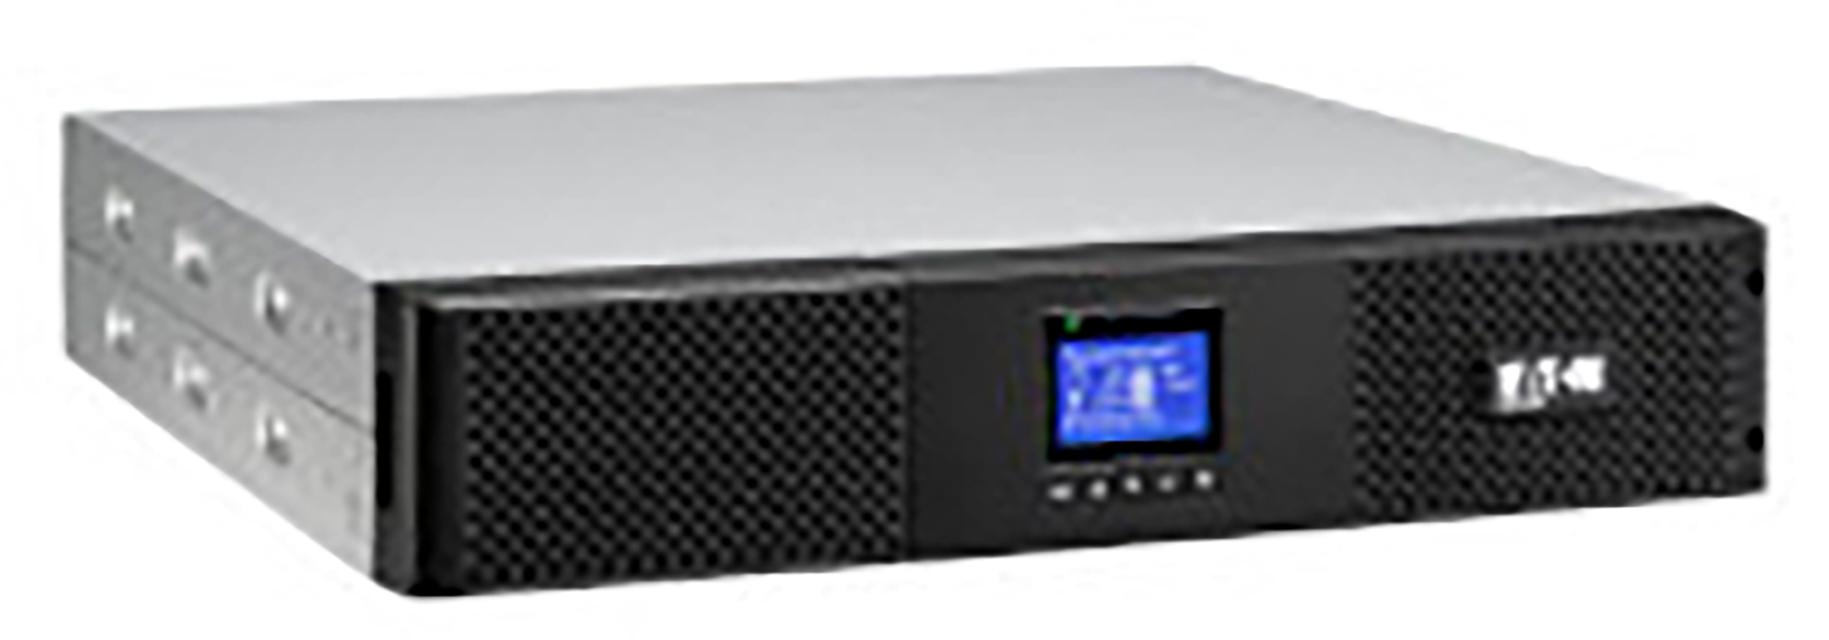 Eaton 9SX sistema de alimentación ininterrumpida (UPS) Doble conversión (en línea) 3000 VA 2700 W 9 salidas AC